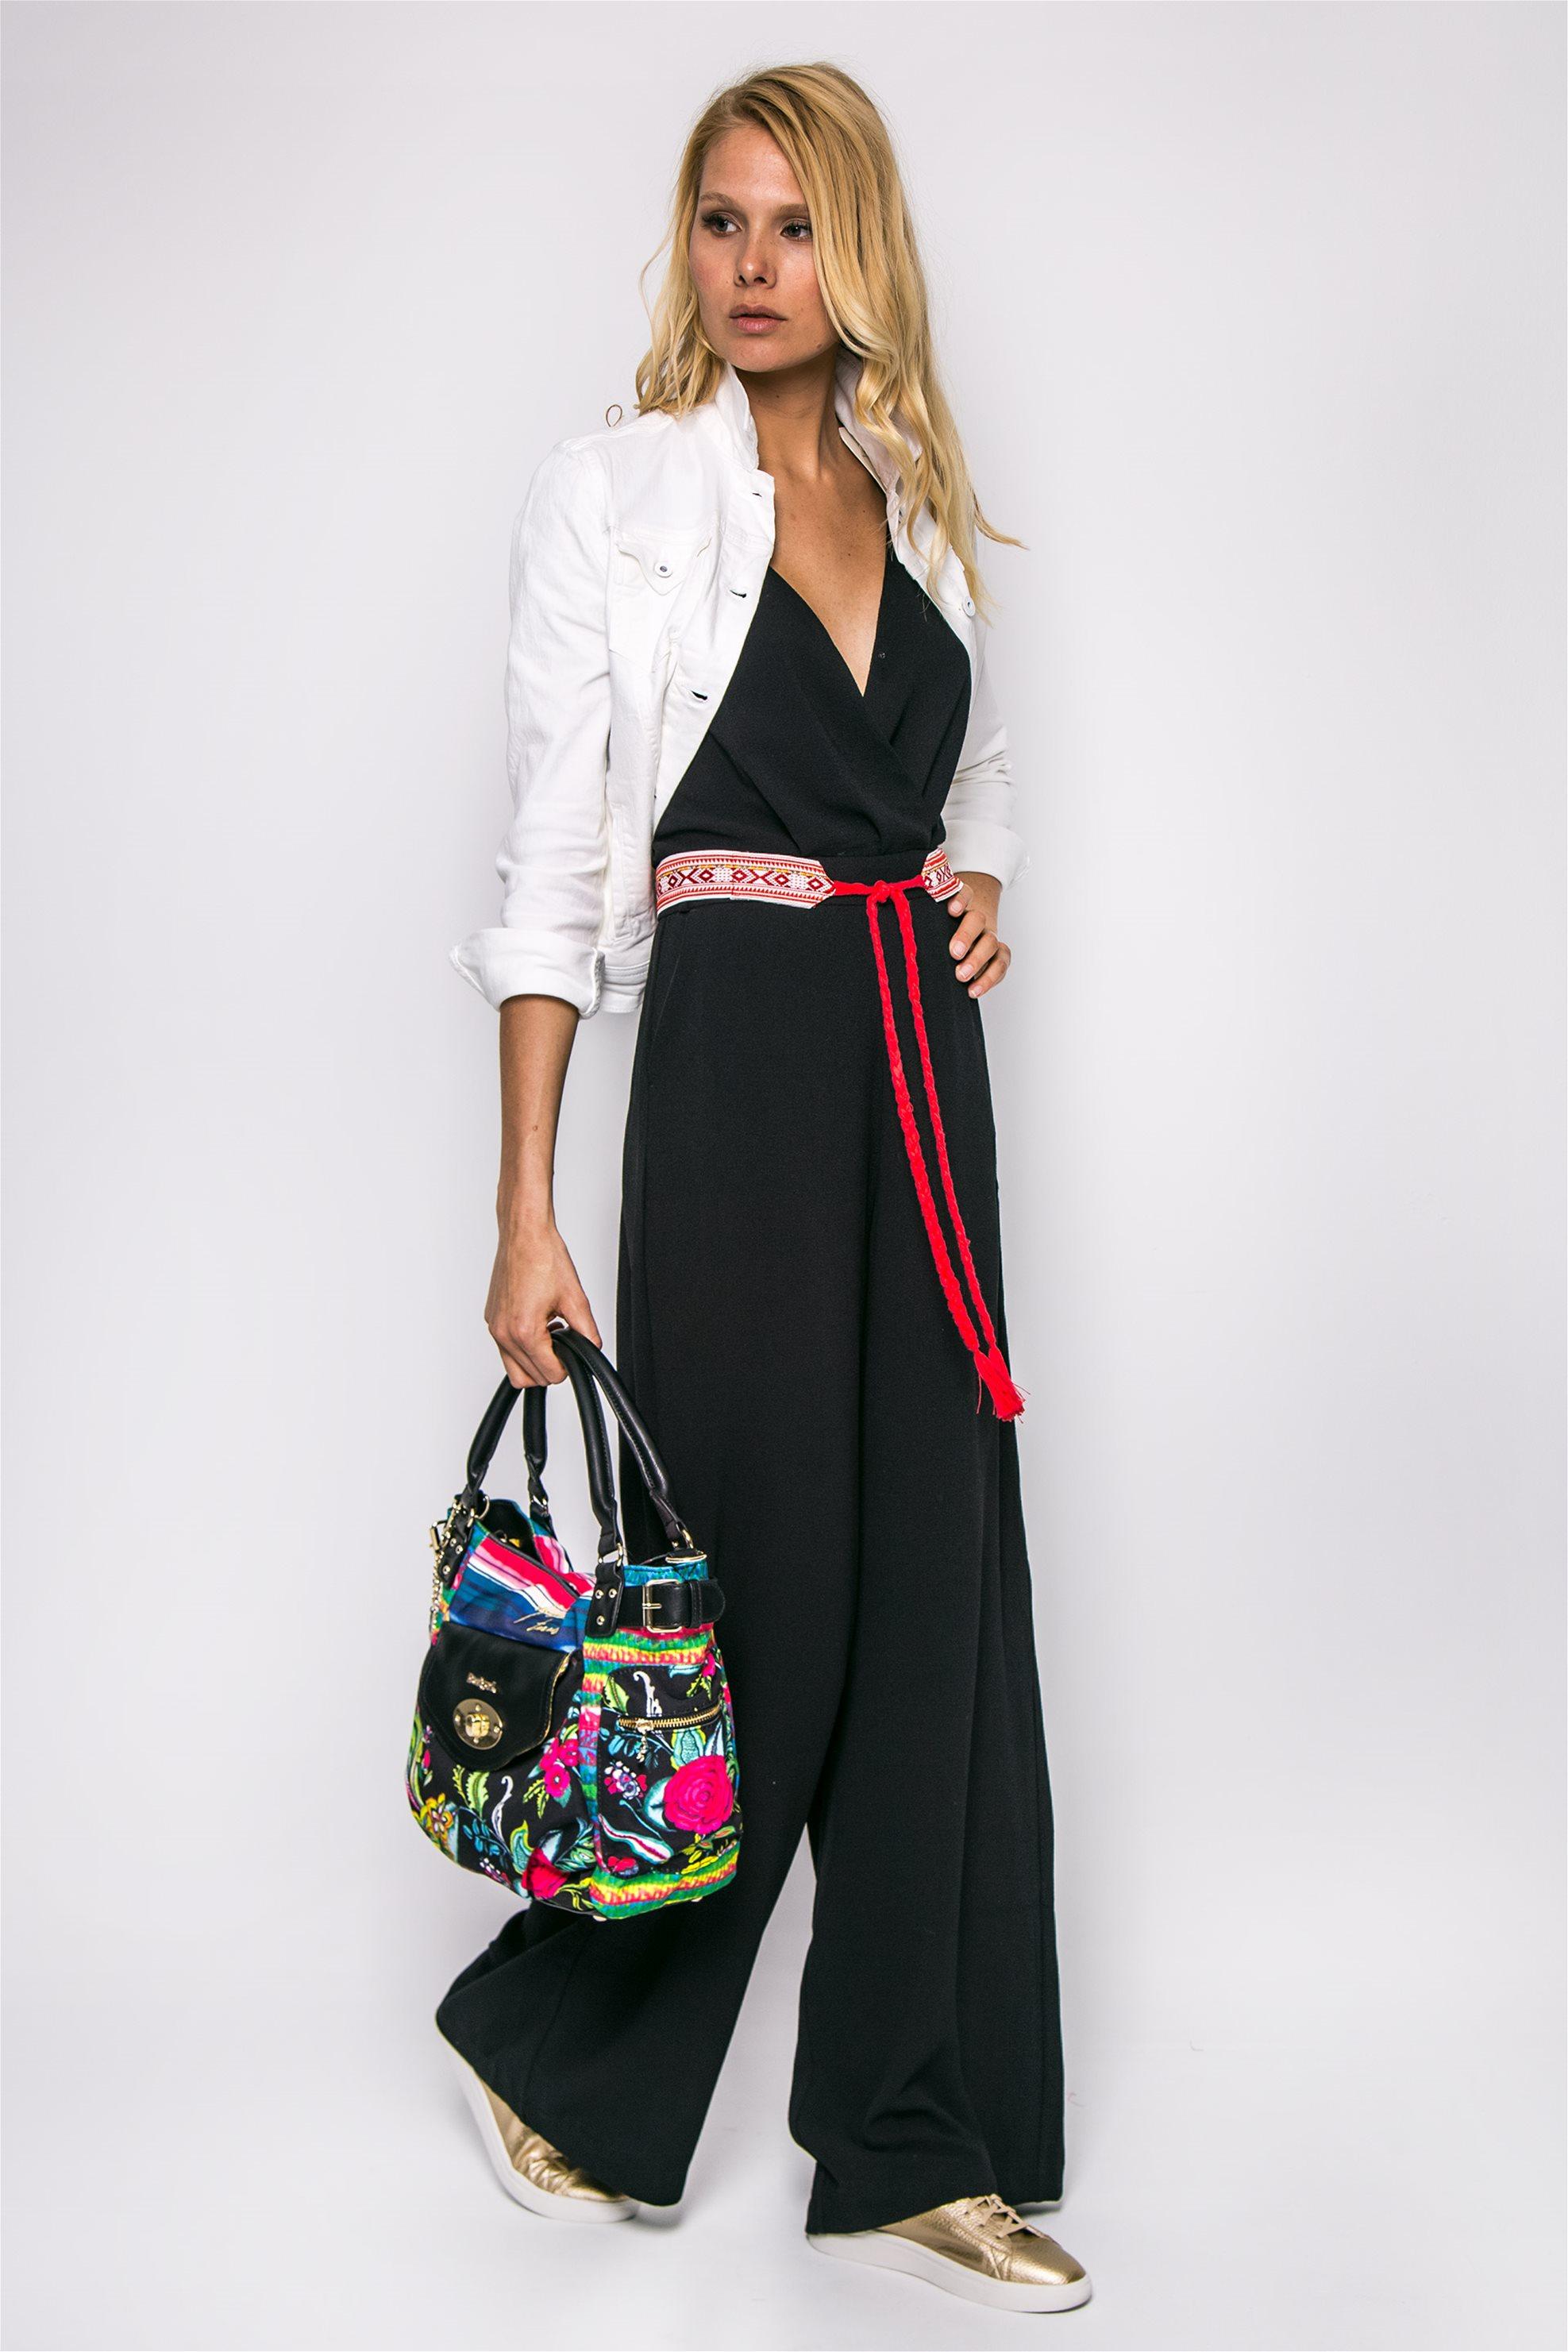 Γυναικεία ολόσωμη φόρμα Pepe Jeans - PL2301680000 - Μαύρο γυναικα   ρουχα   ολόσωμες φόρμες   σαλοπέτες